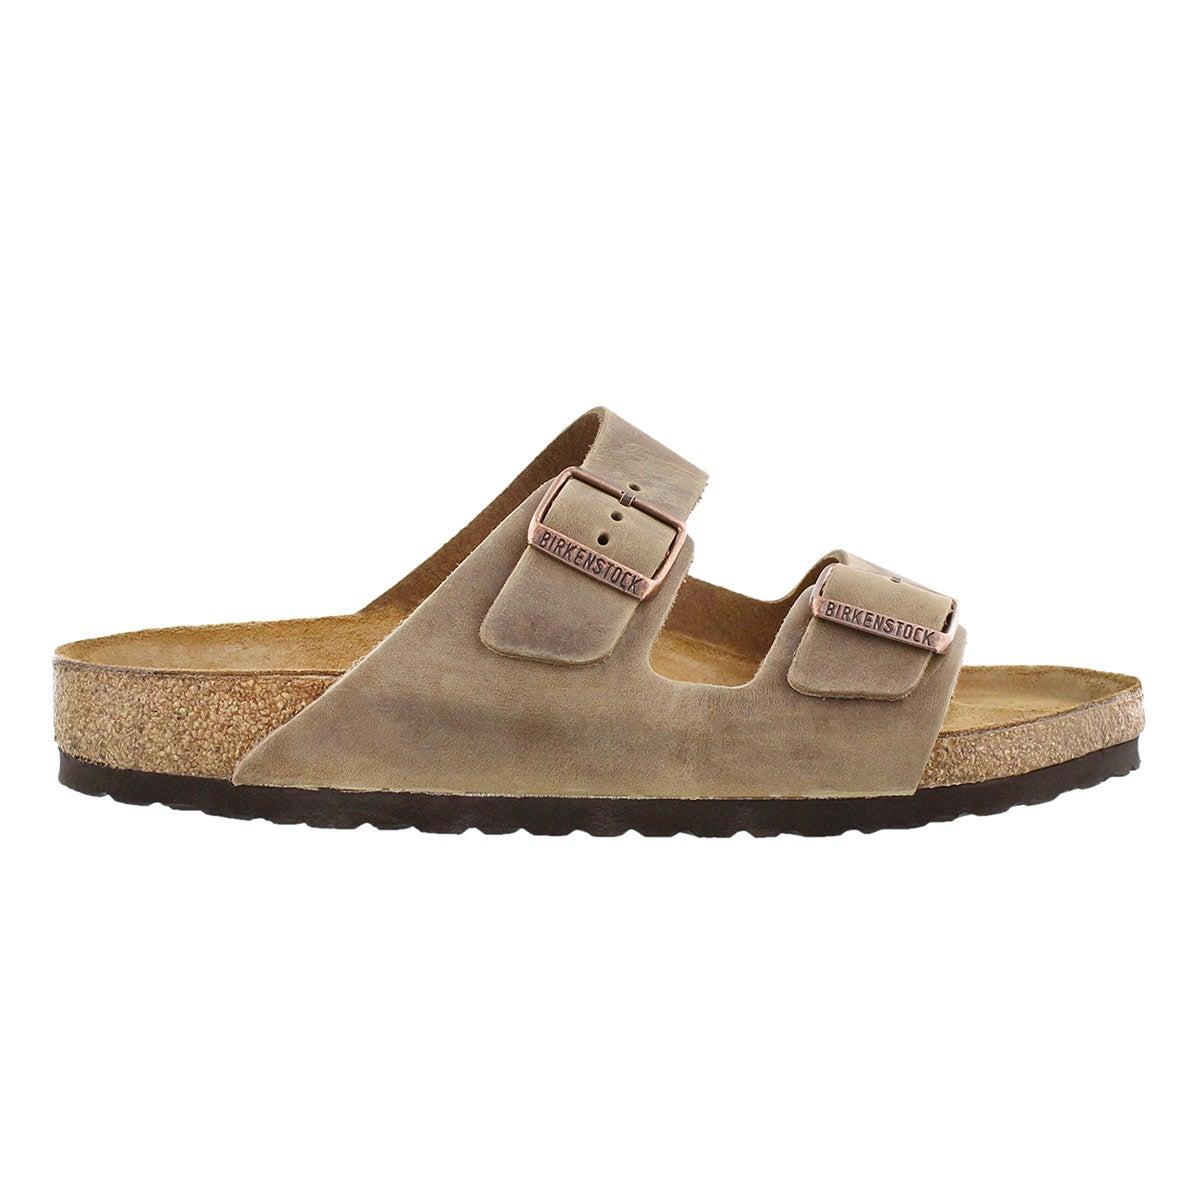 Mns Arizona tobacco 2 strap sandal